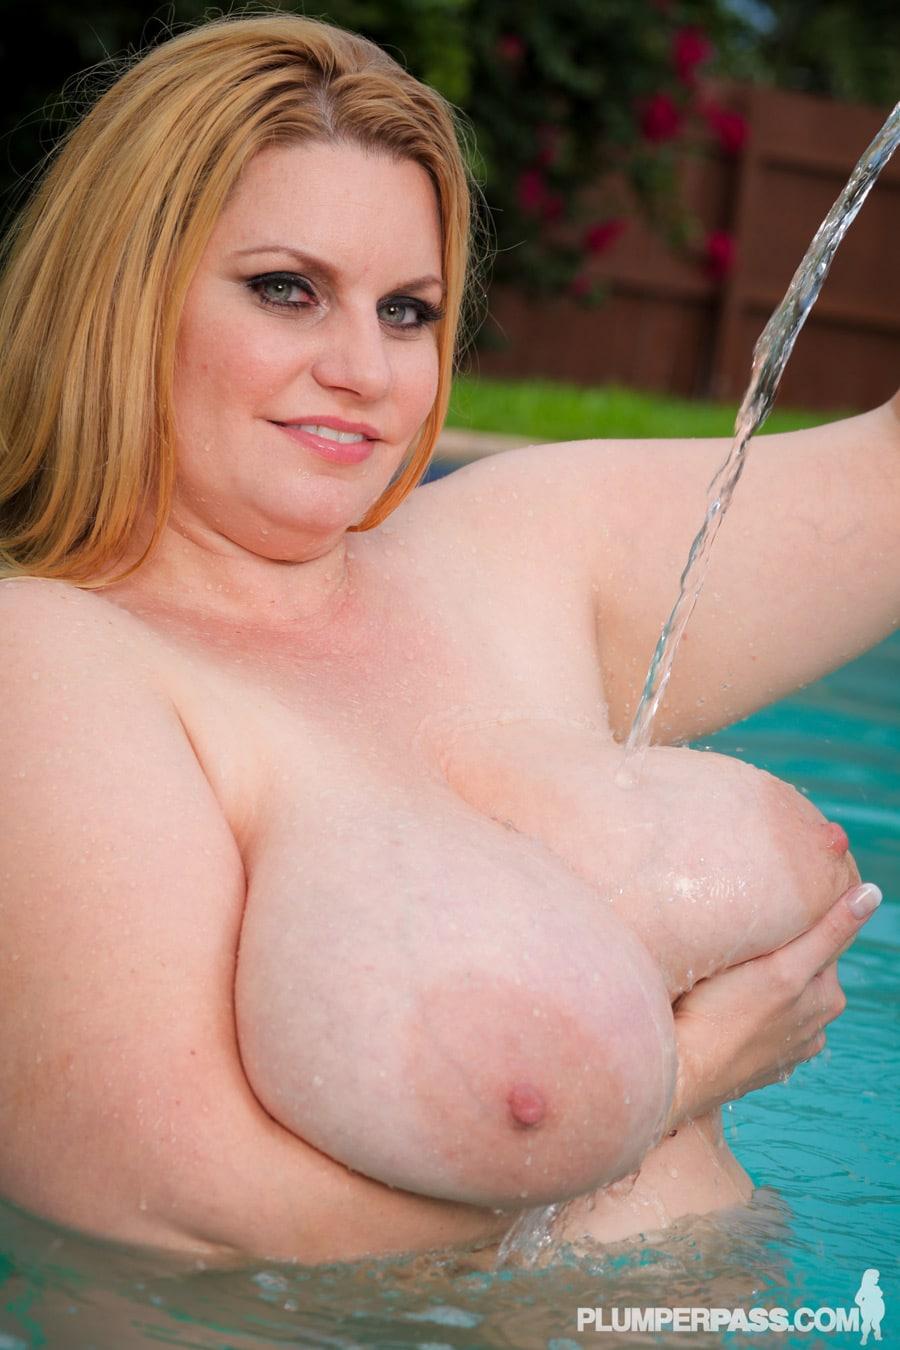 Elle coule de l'eau sur ses nibards